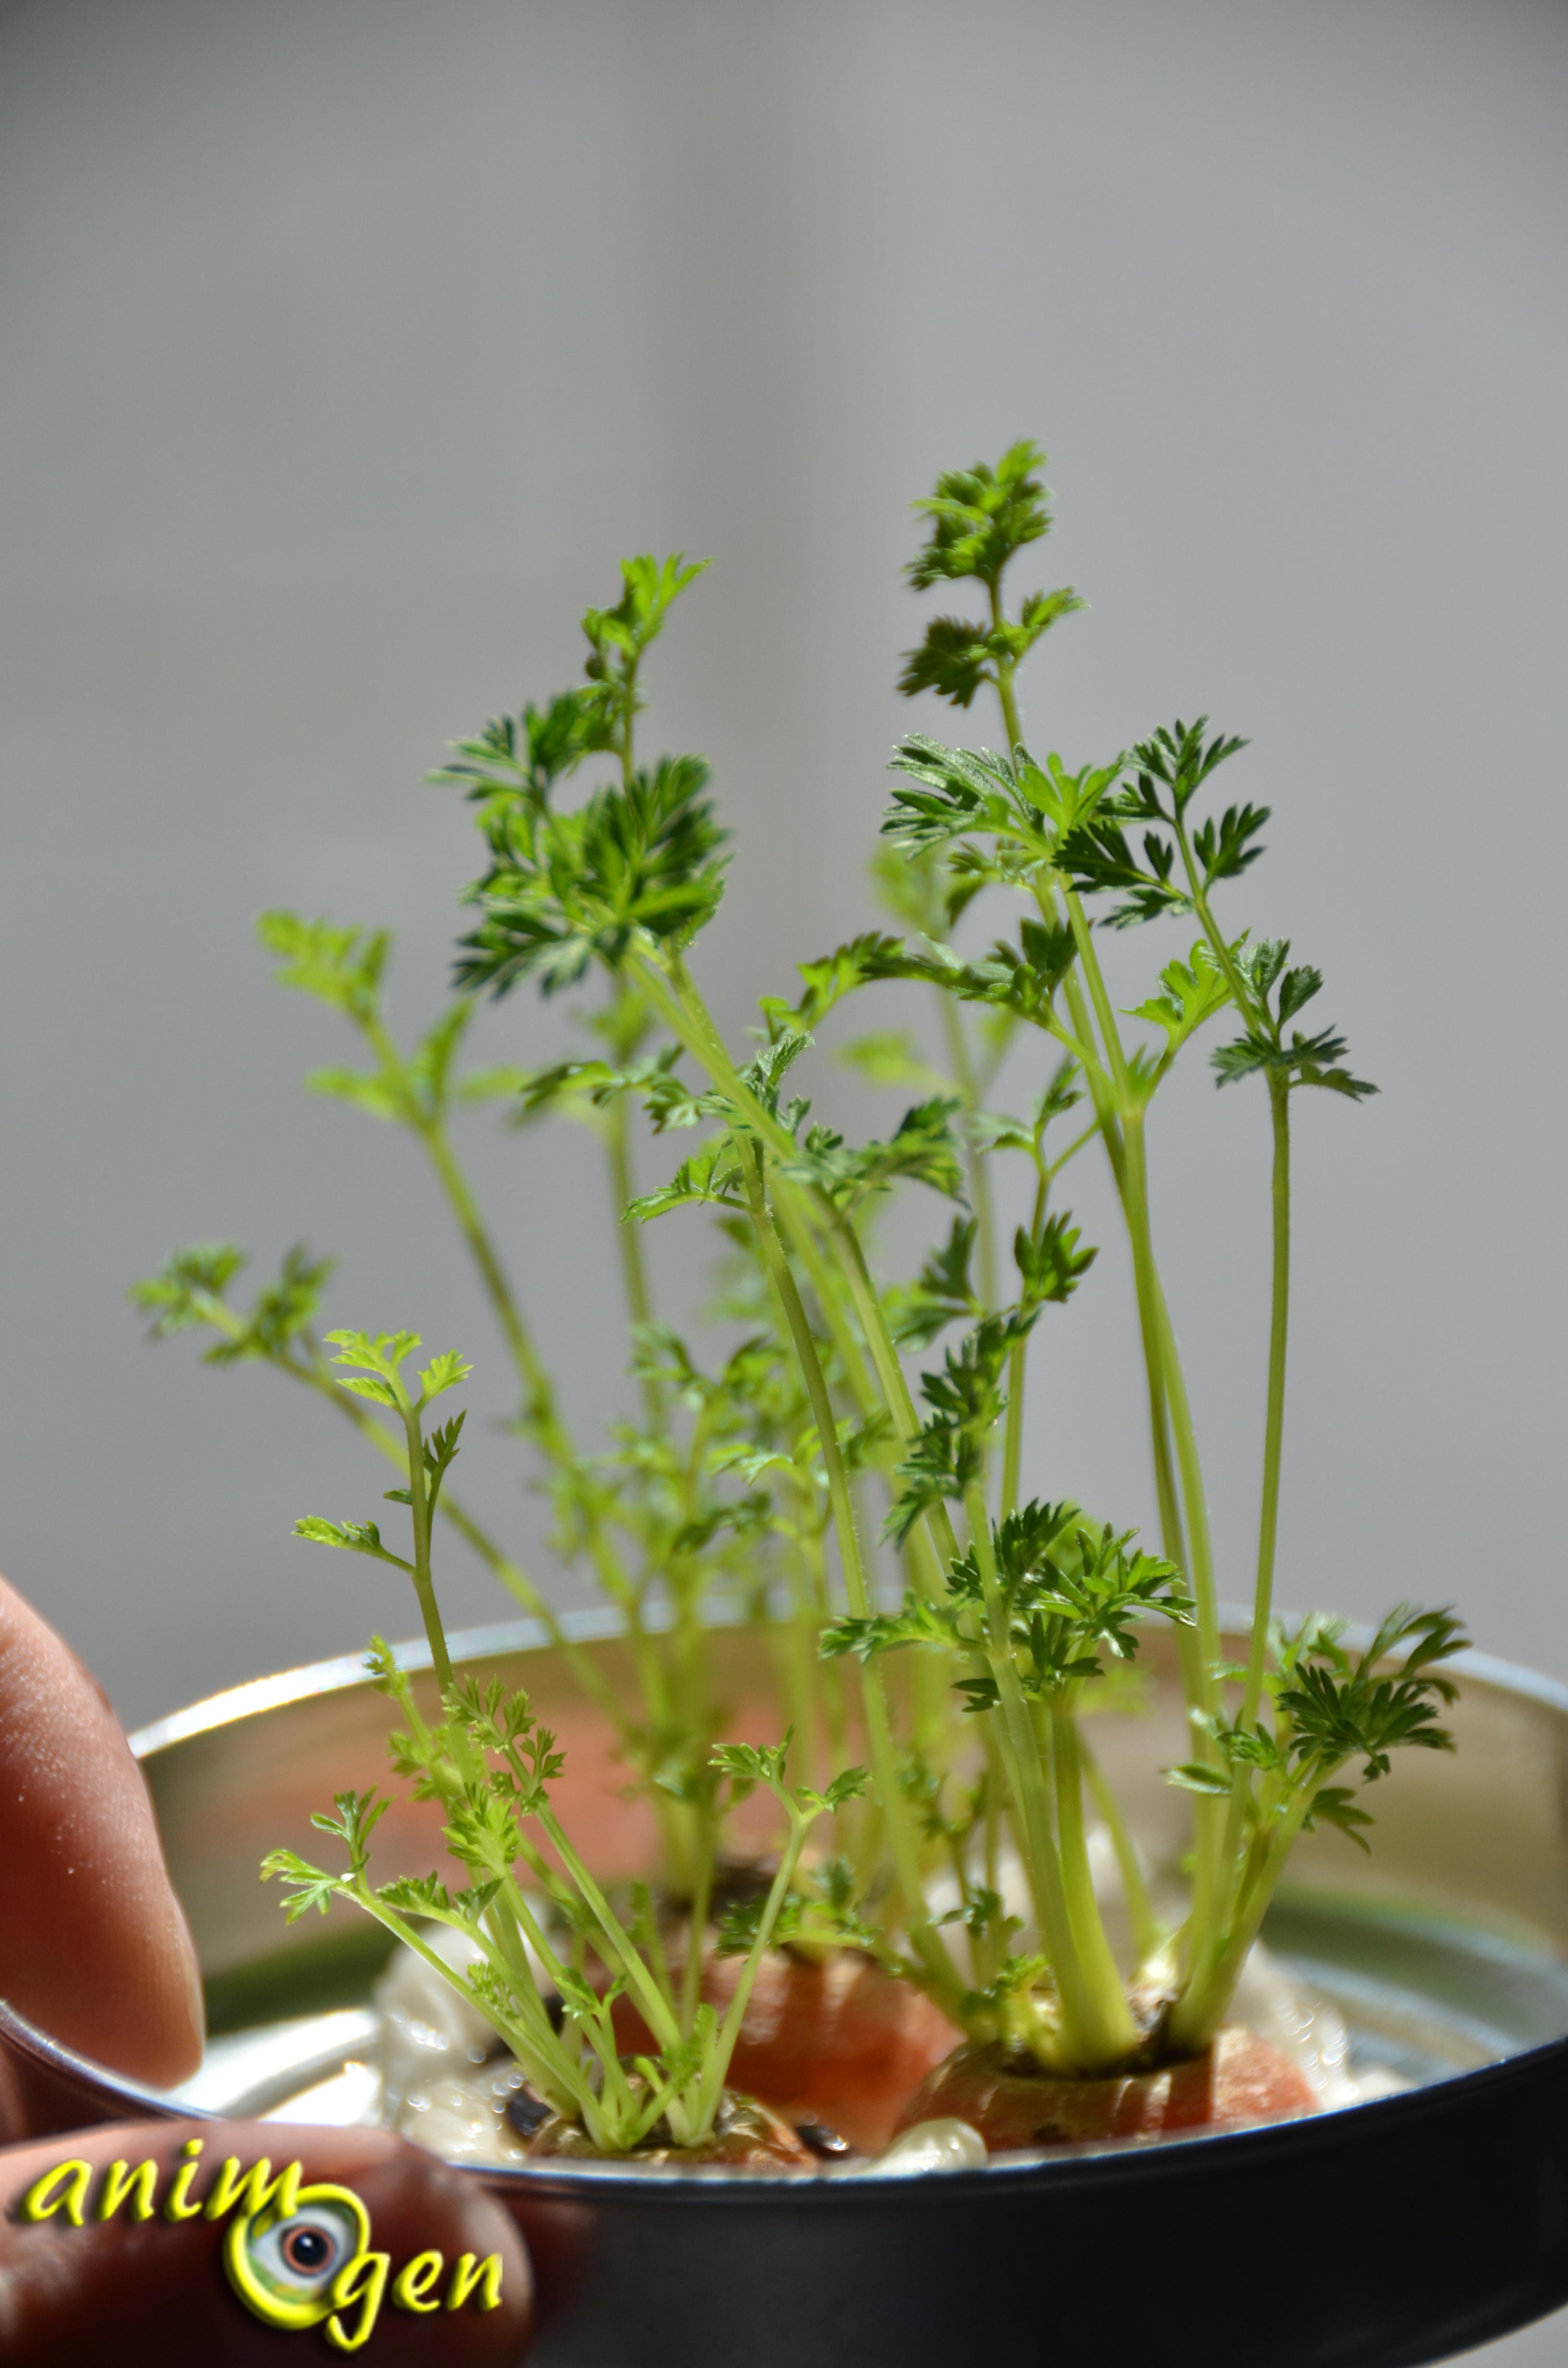 Alimentation faites pousser des fanes de carotte maison pour vos lapins et rongeurs animogen - Comment faire pousser des lentilles ...